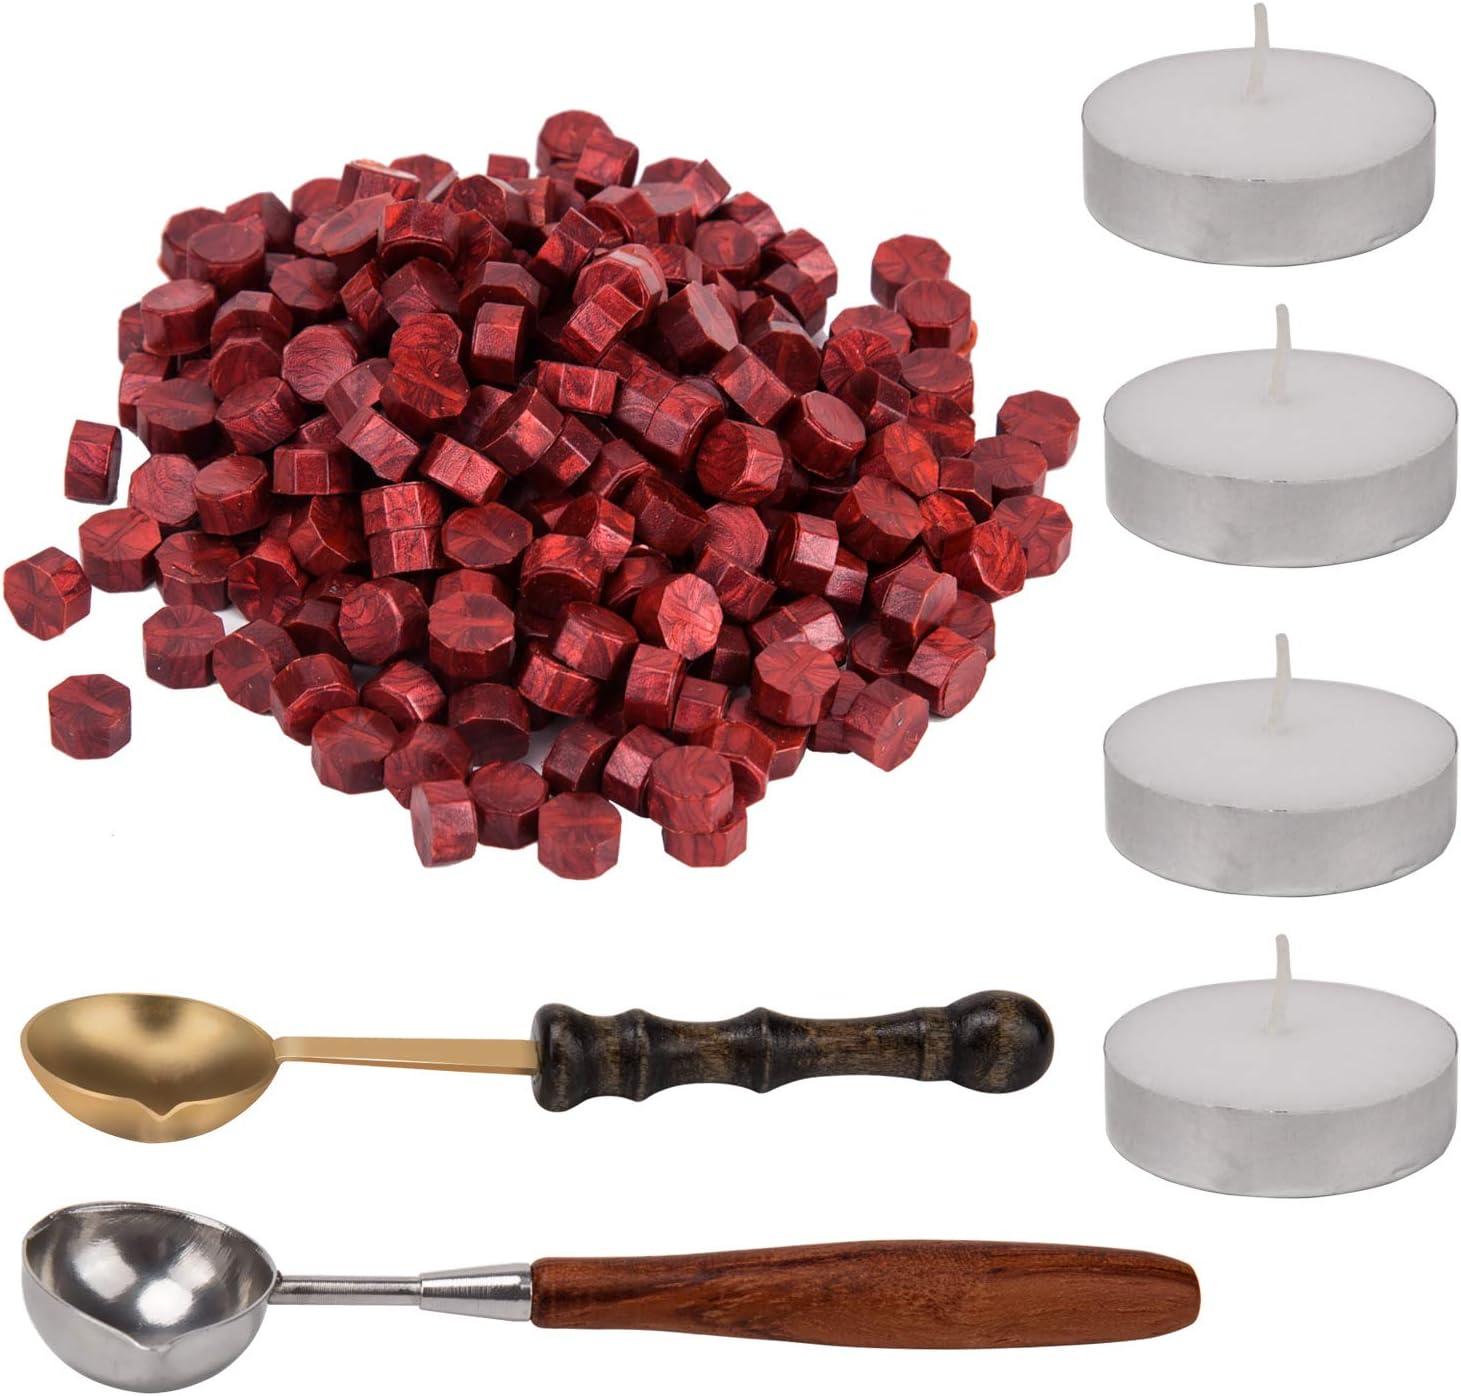 AIEX 200 Piezas Wax Seal PerlasKit de Sellos de Cera con 4 Piezas de Velas de Té y 2 Piezas de Cuchara de Fundir (Rojo)